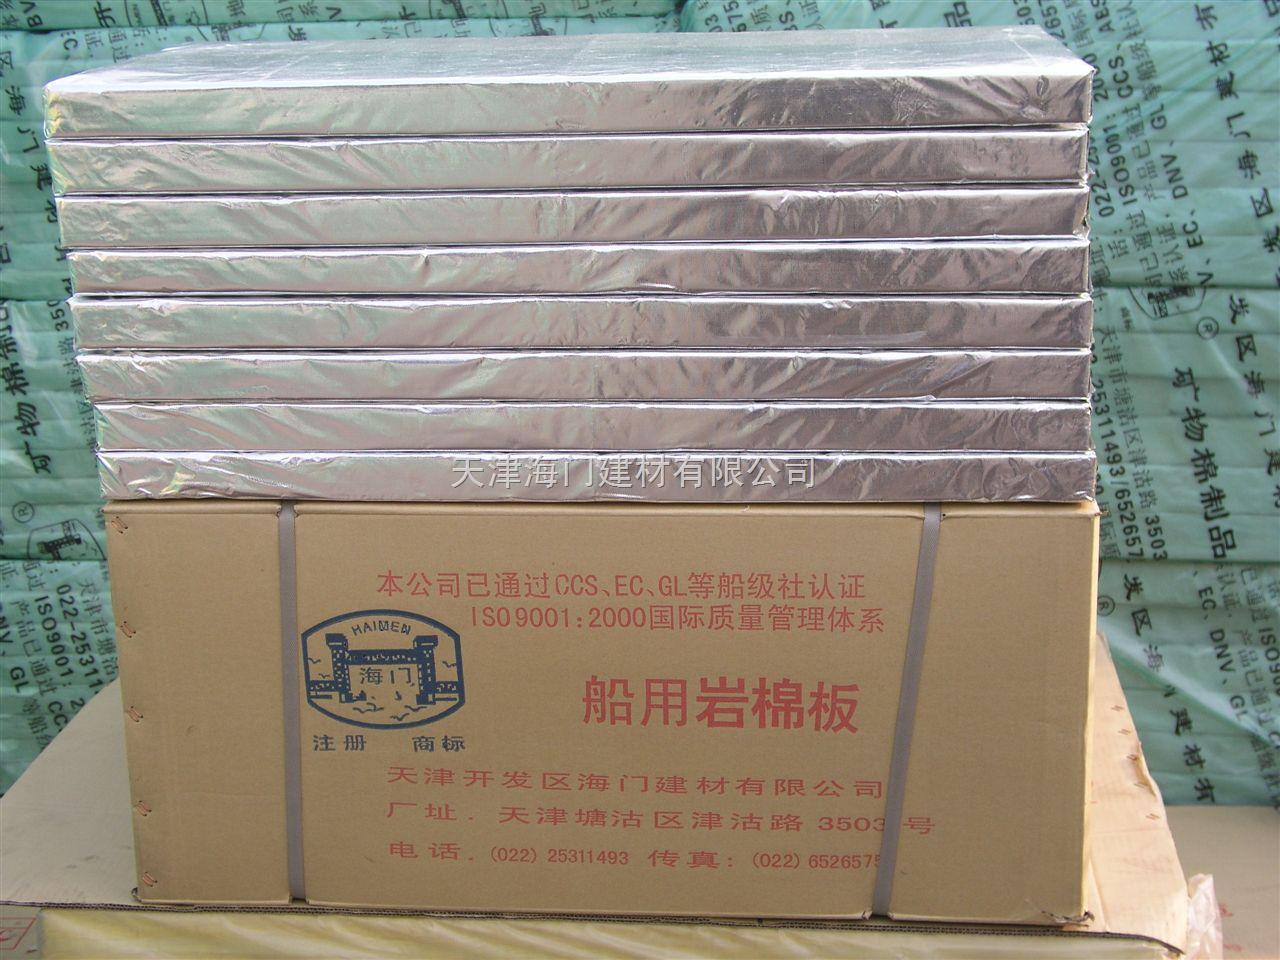 防火棉,防水岩棉,岩棉价格